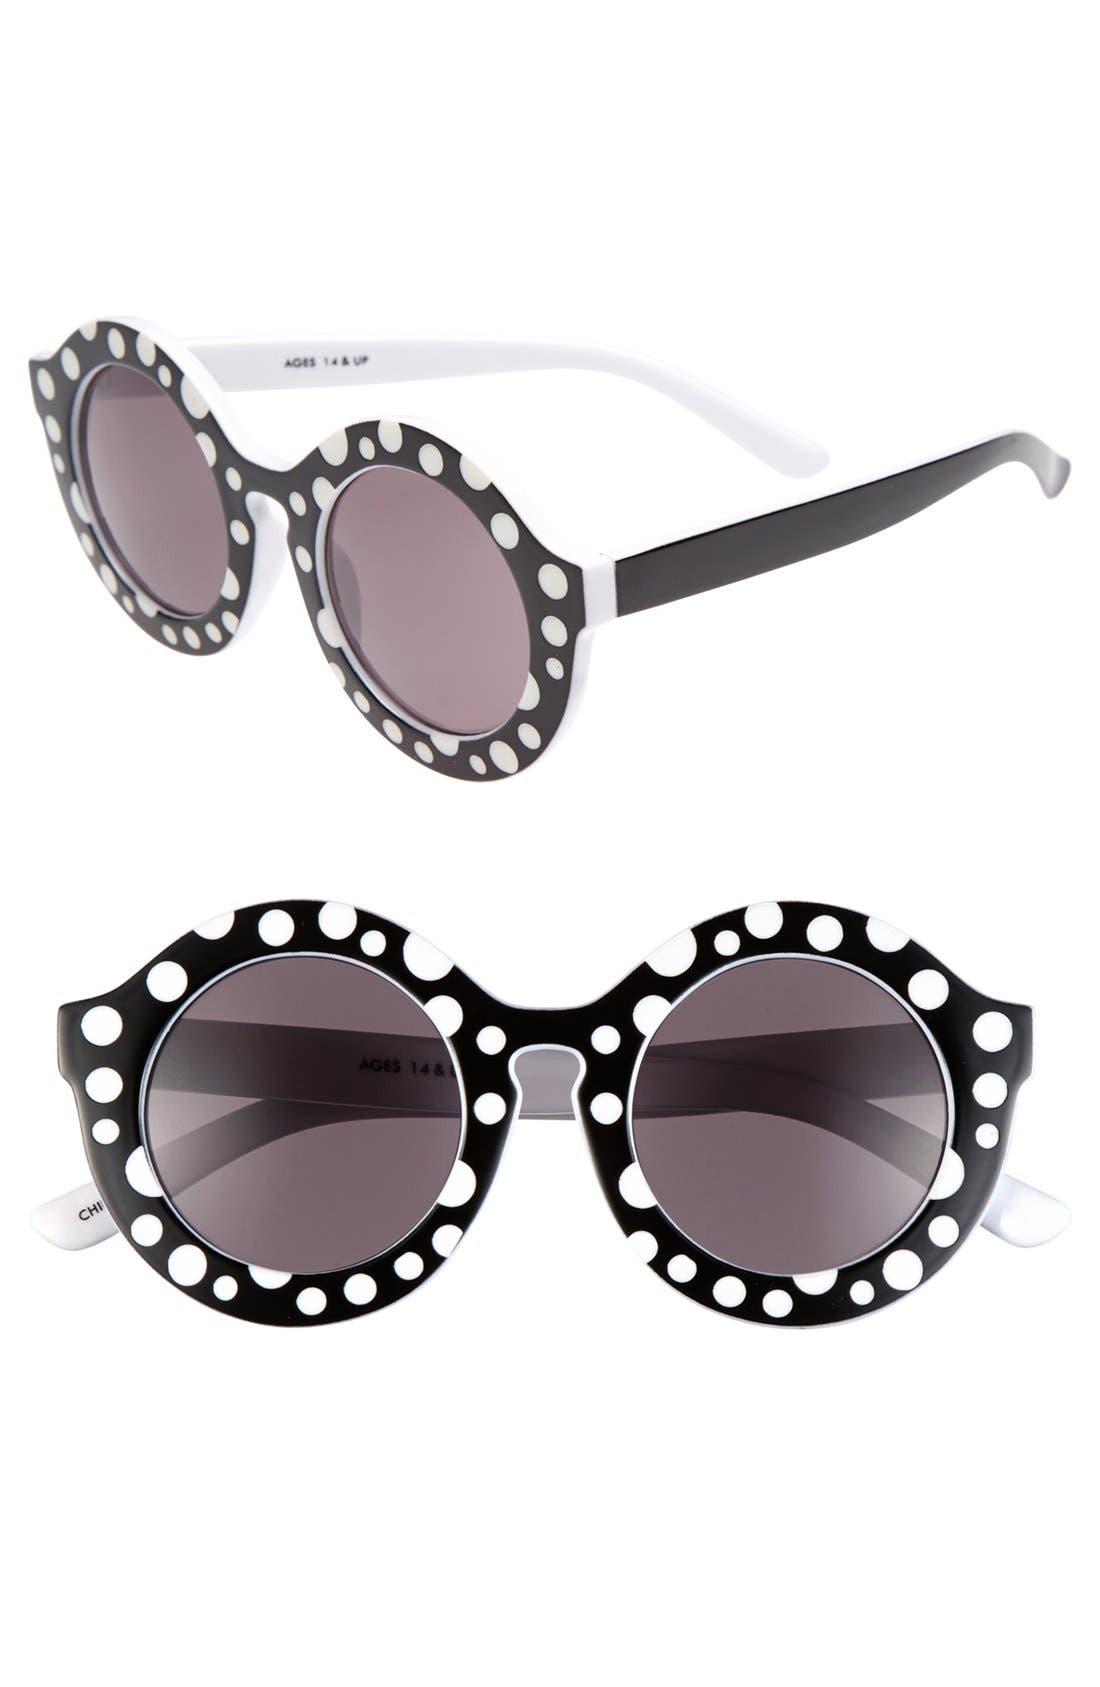 Main Image - FE NY 'Blizzard' 46mm Sunglasses